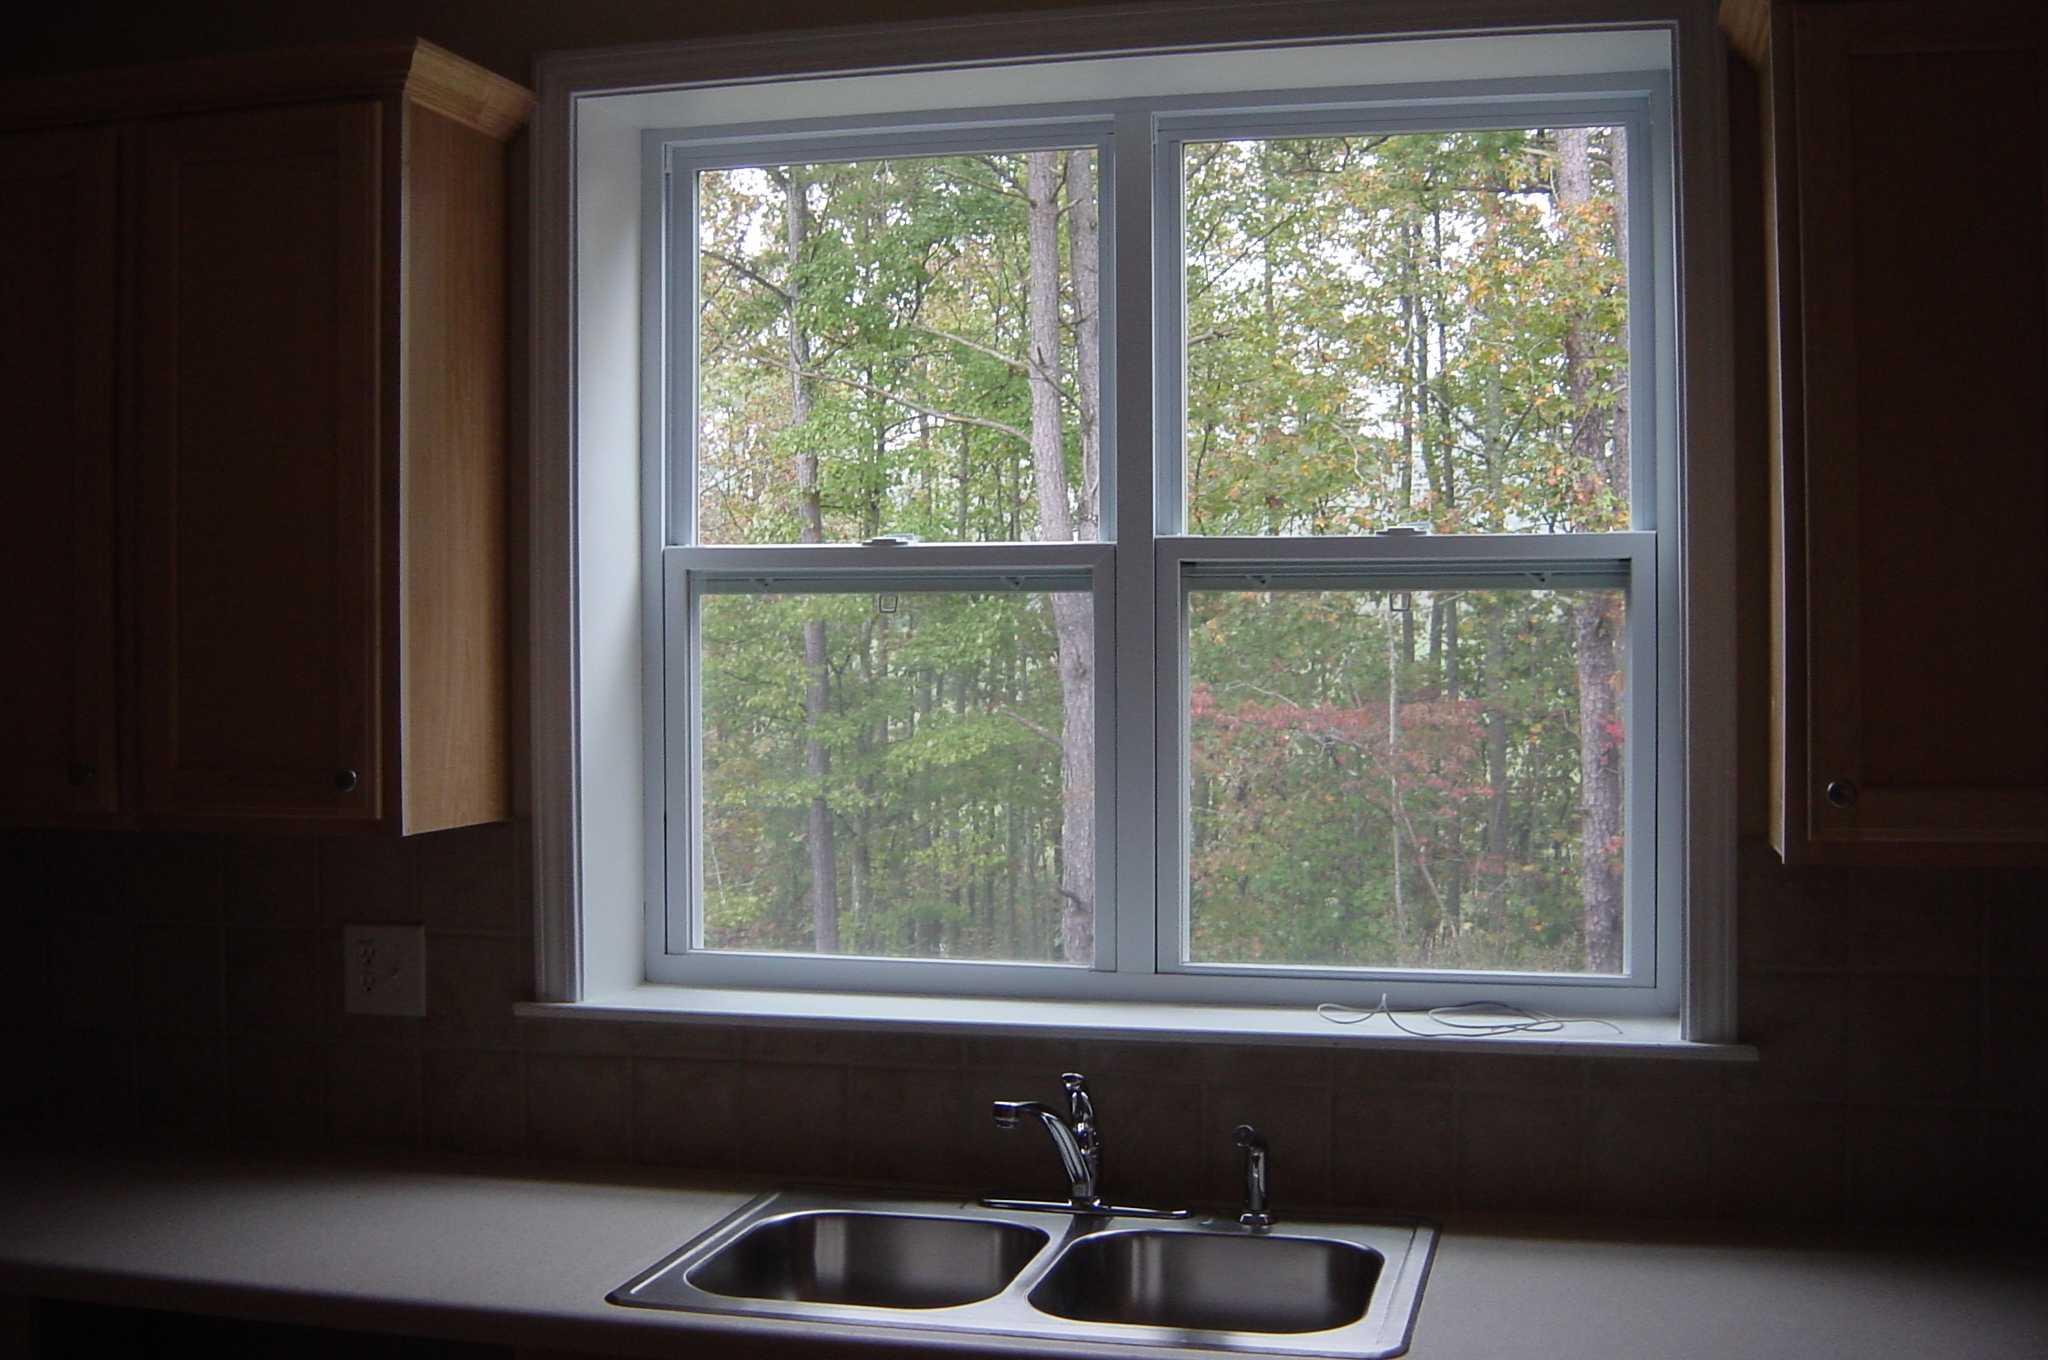 187 Kitchen Window Slide Over Sink